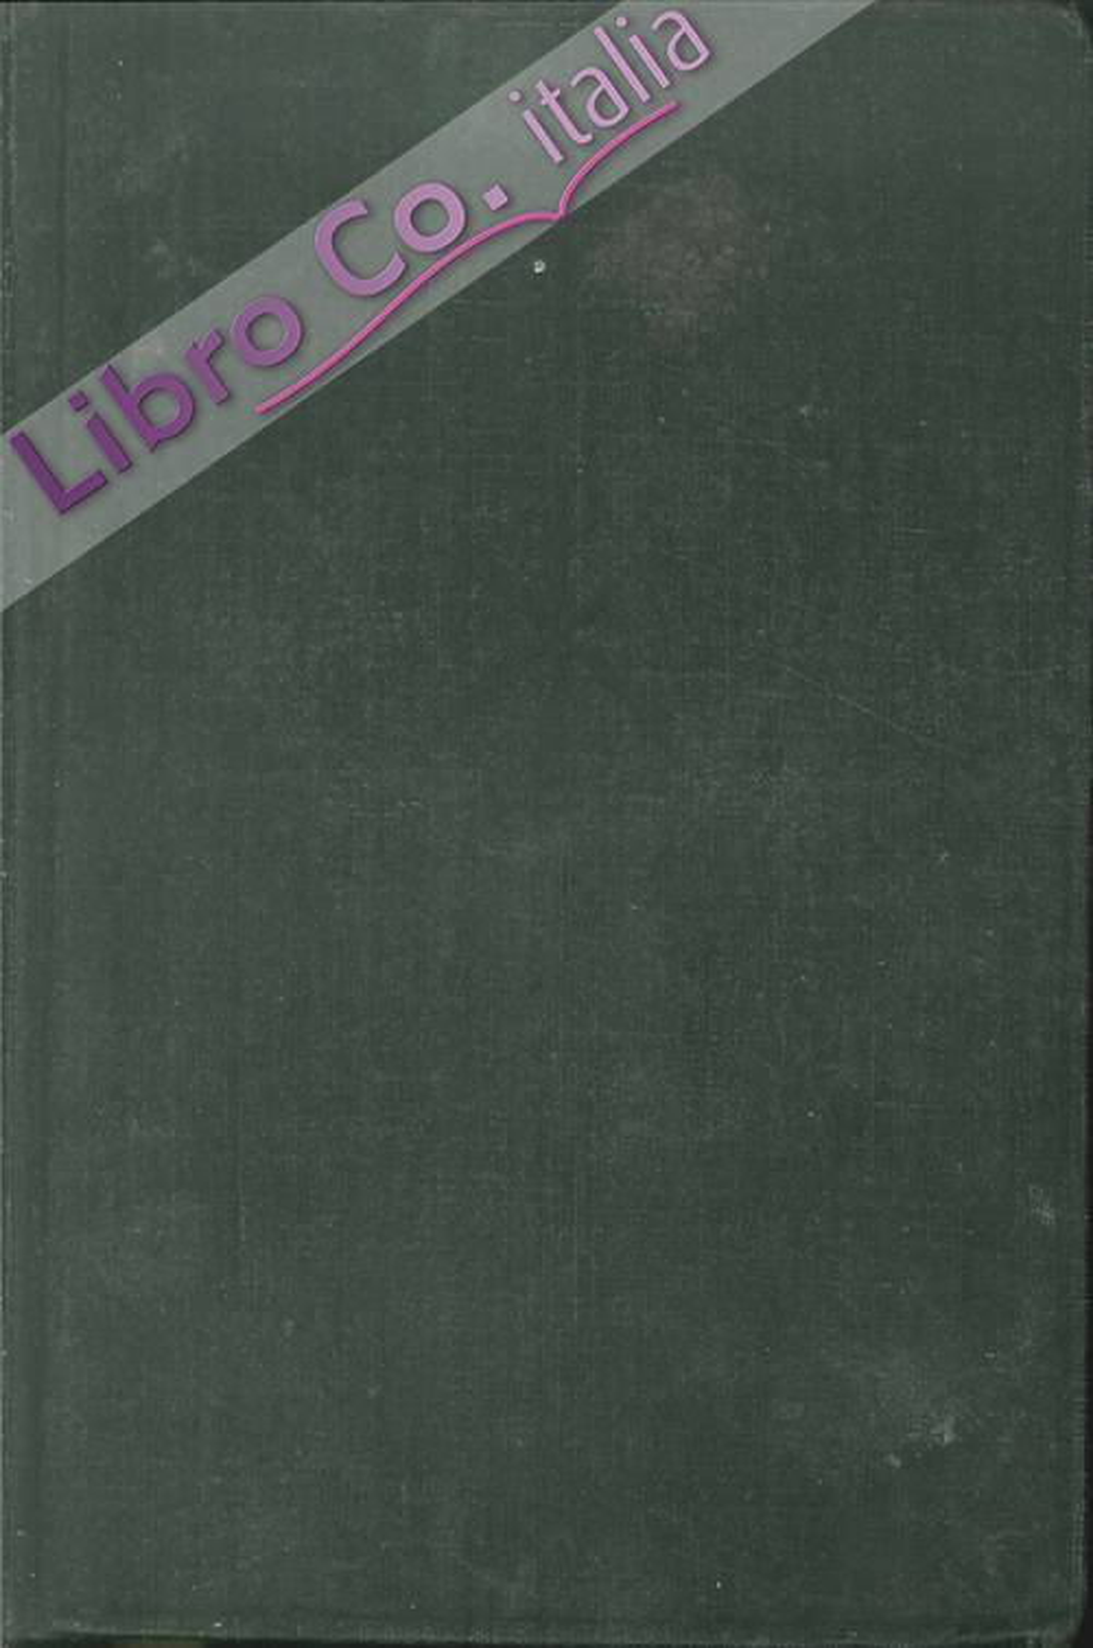 Volks-Schott Messbuch für die Sonn und Feiertage